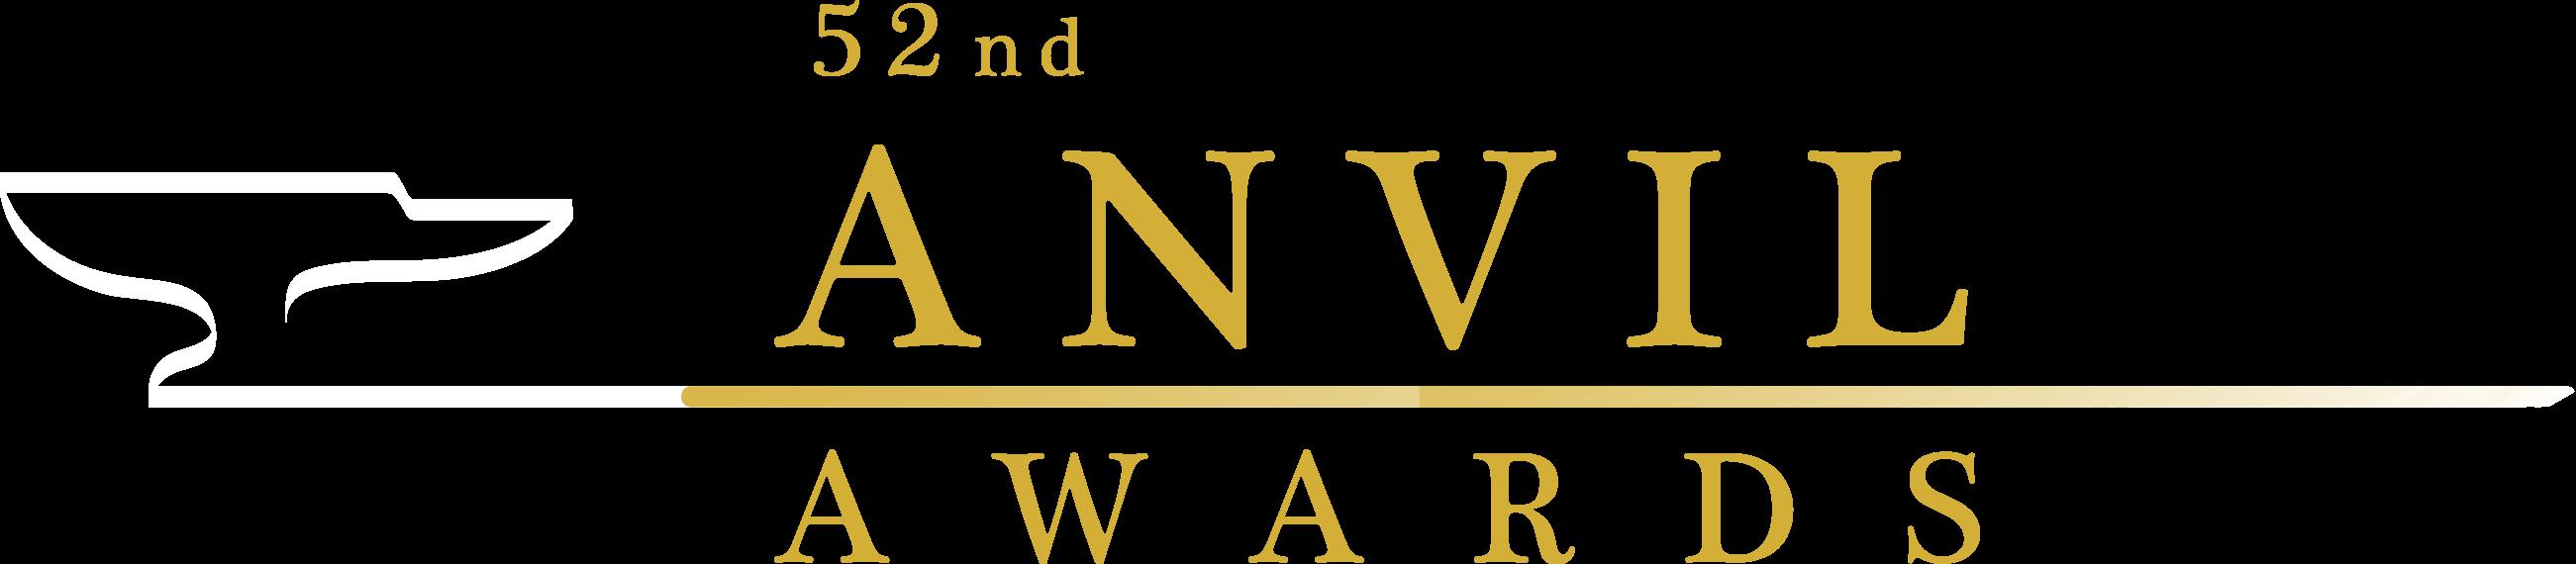 anvil-logo-text